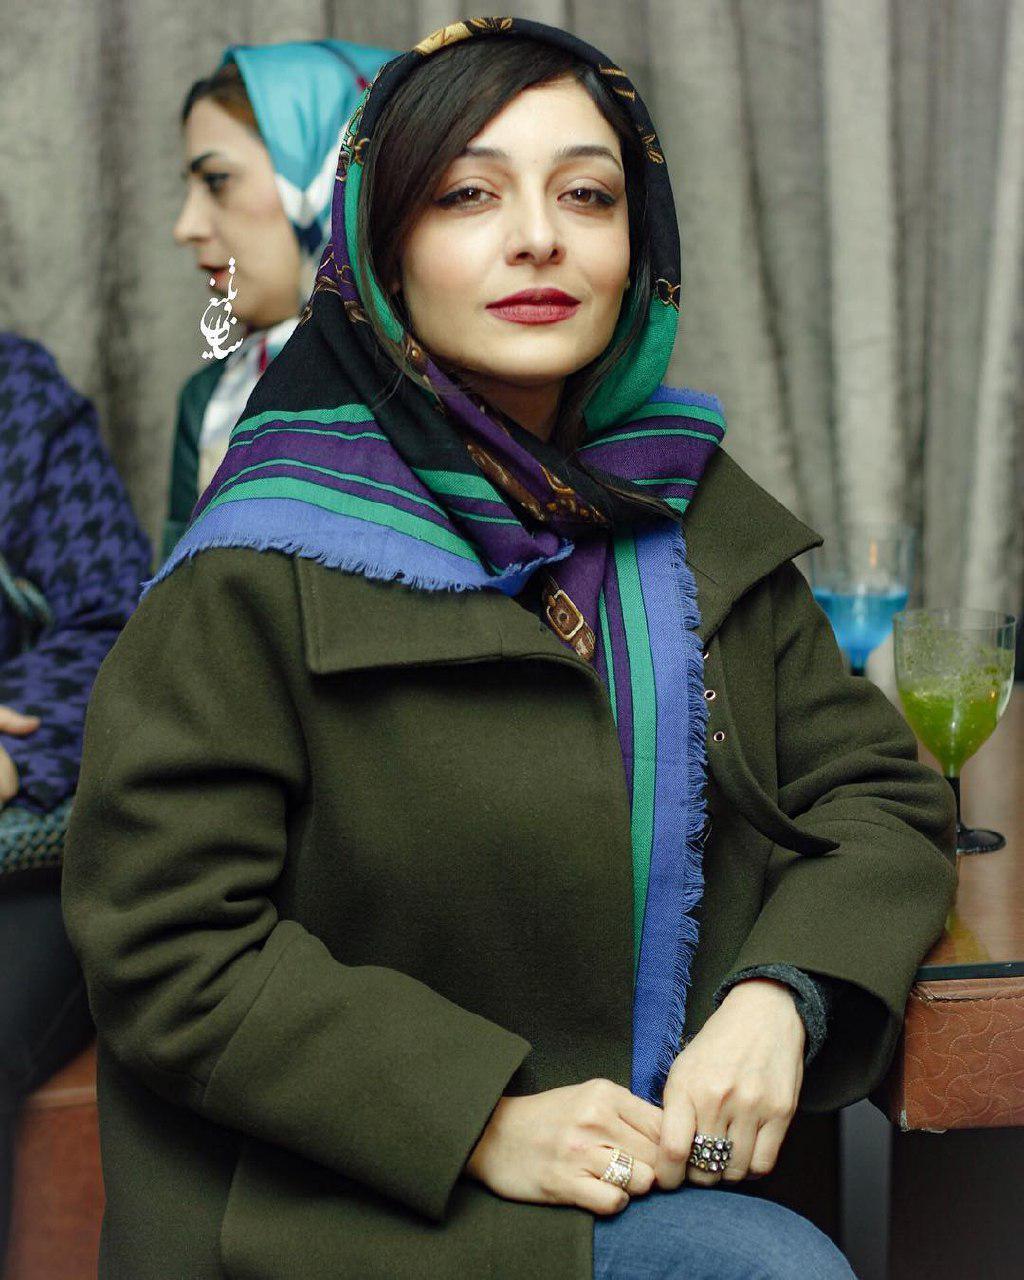 احضار بازیگر زن کشور به دادسرا +عکس